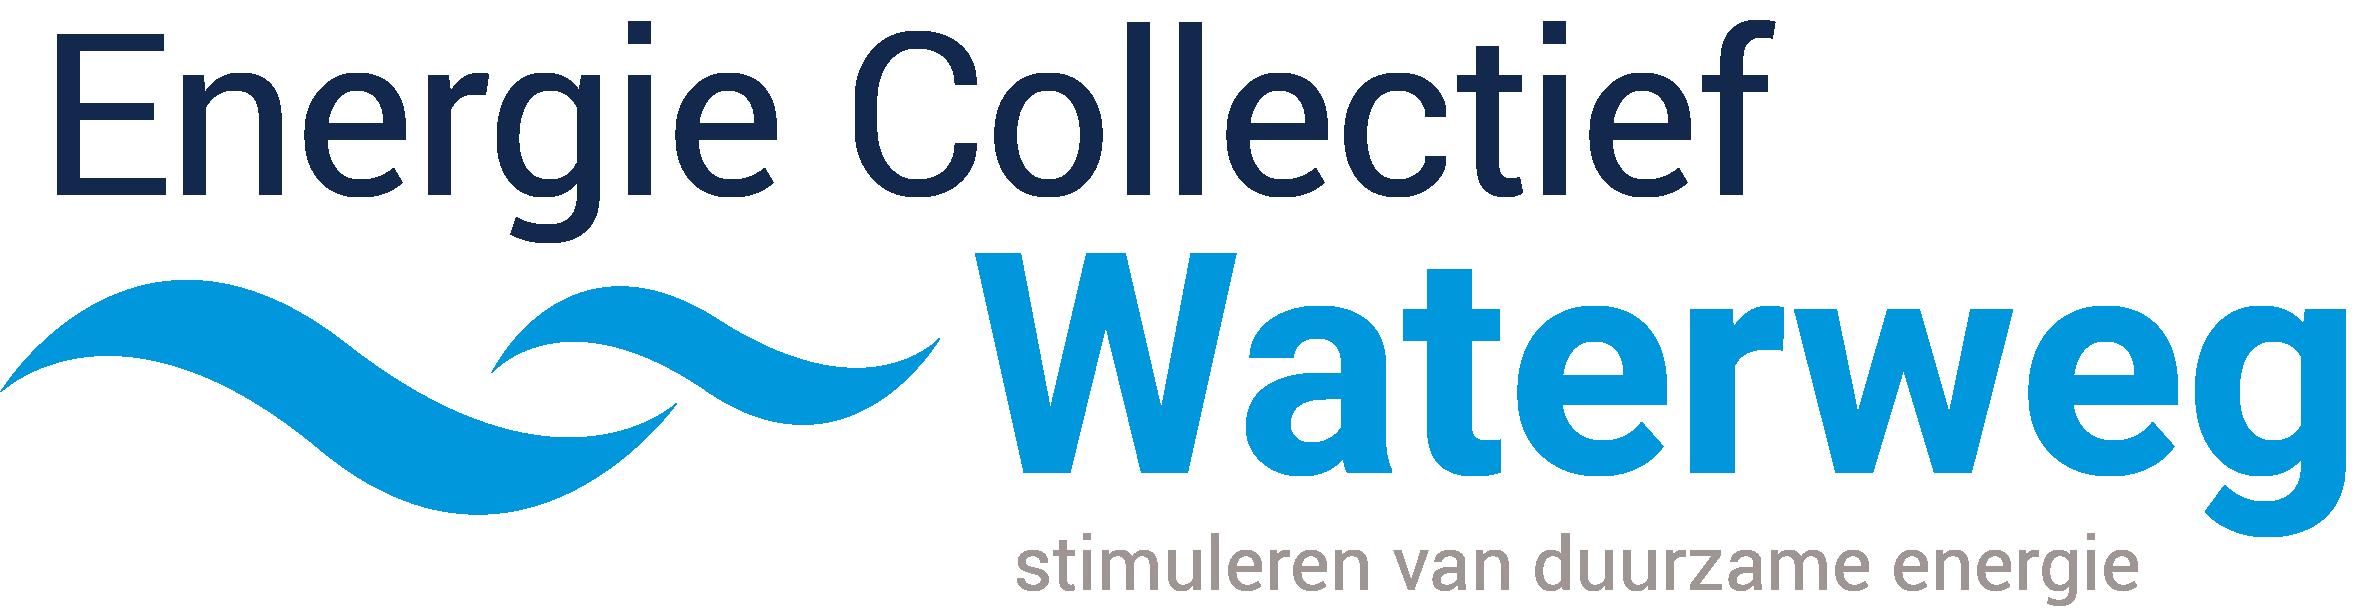 Logo Energie Collectief Waterweg